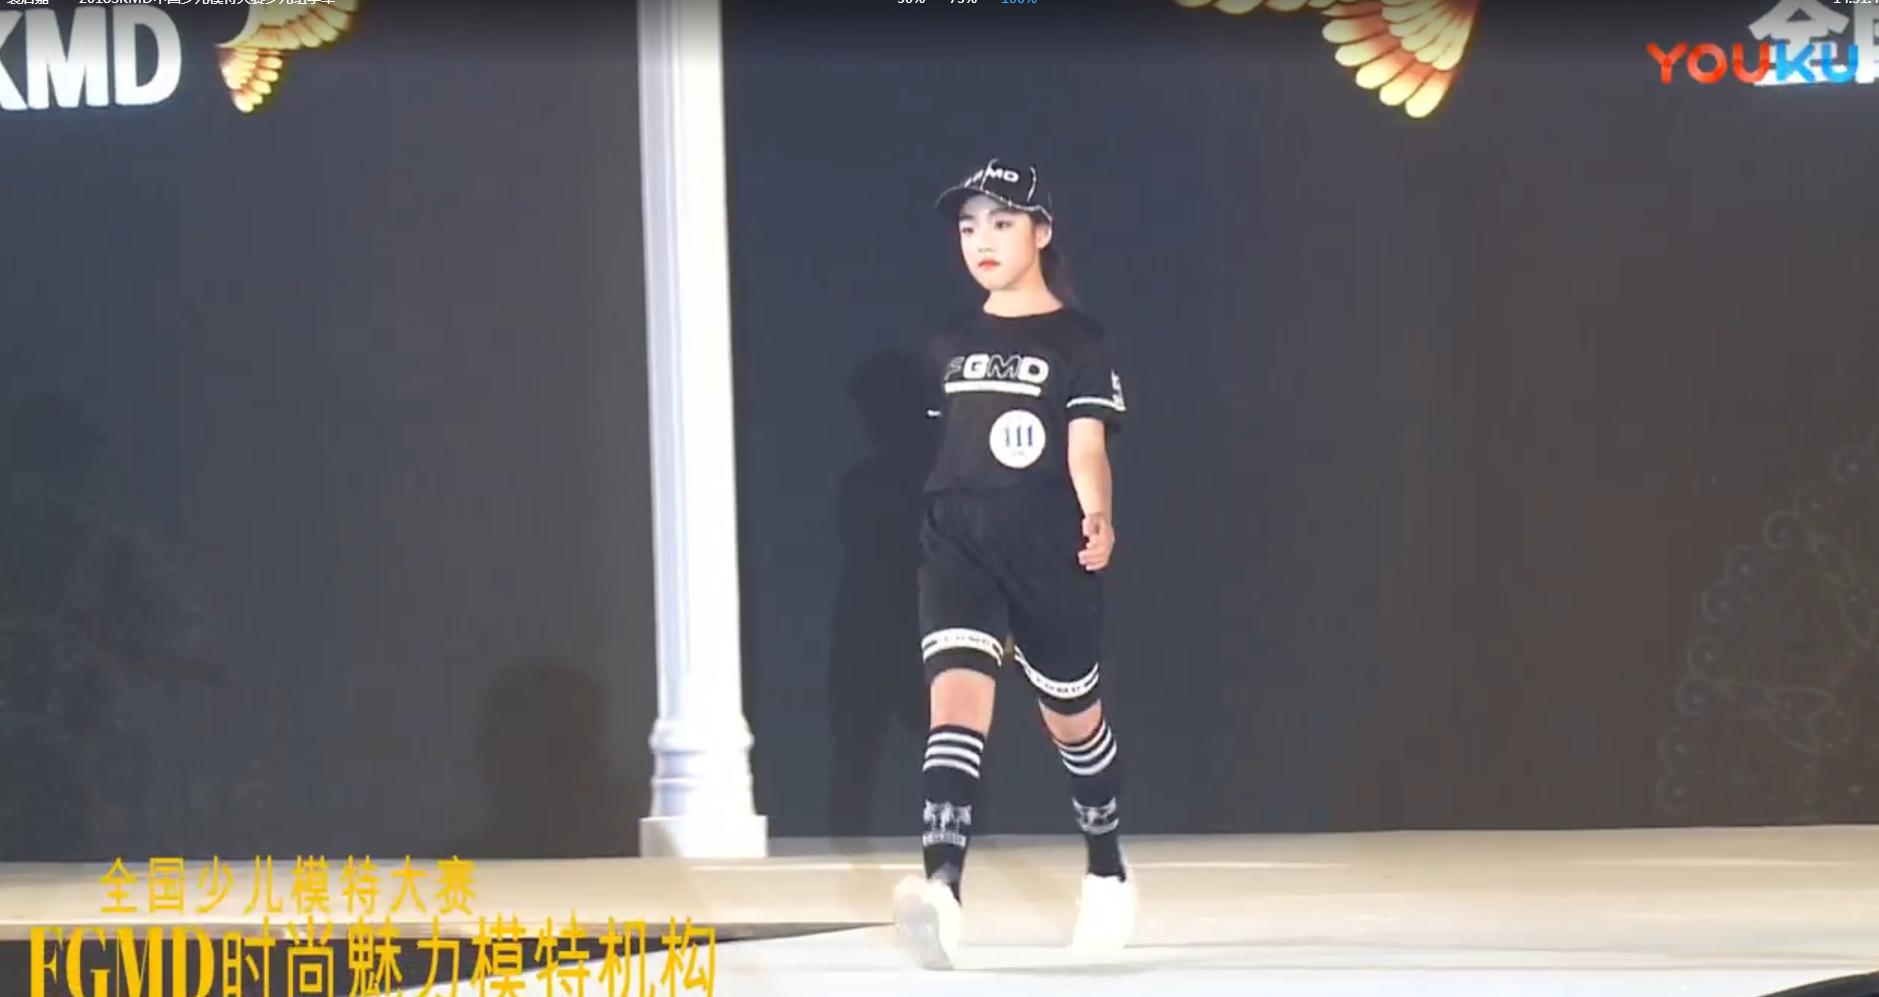 袁唐嘉學員—2018第七屆SKMD全國大賽少兒組季軍視頻